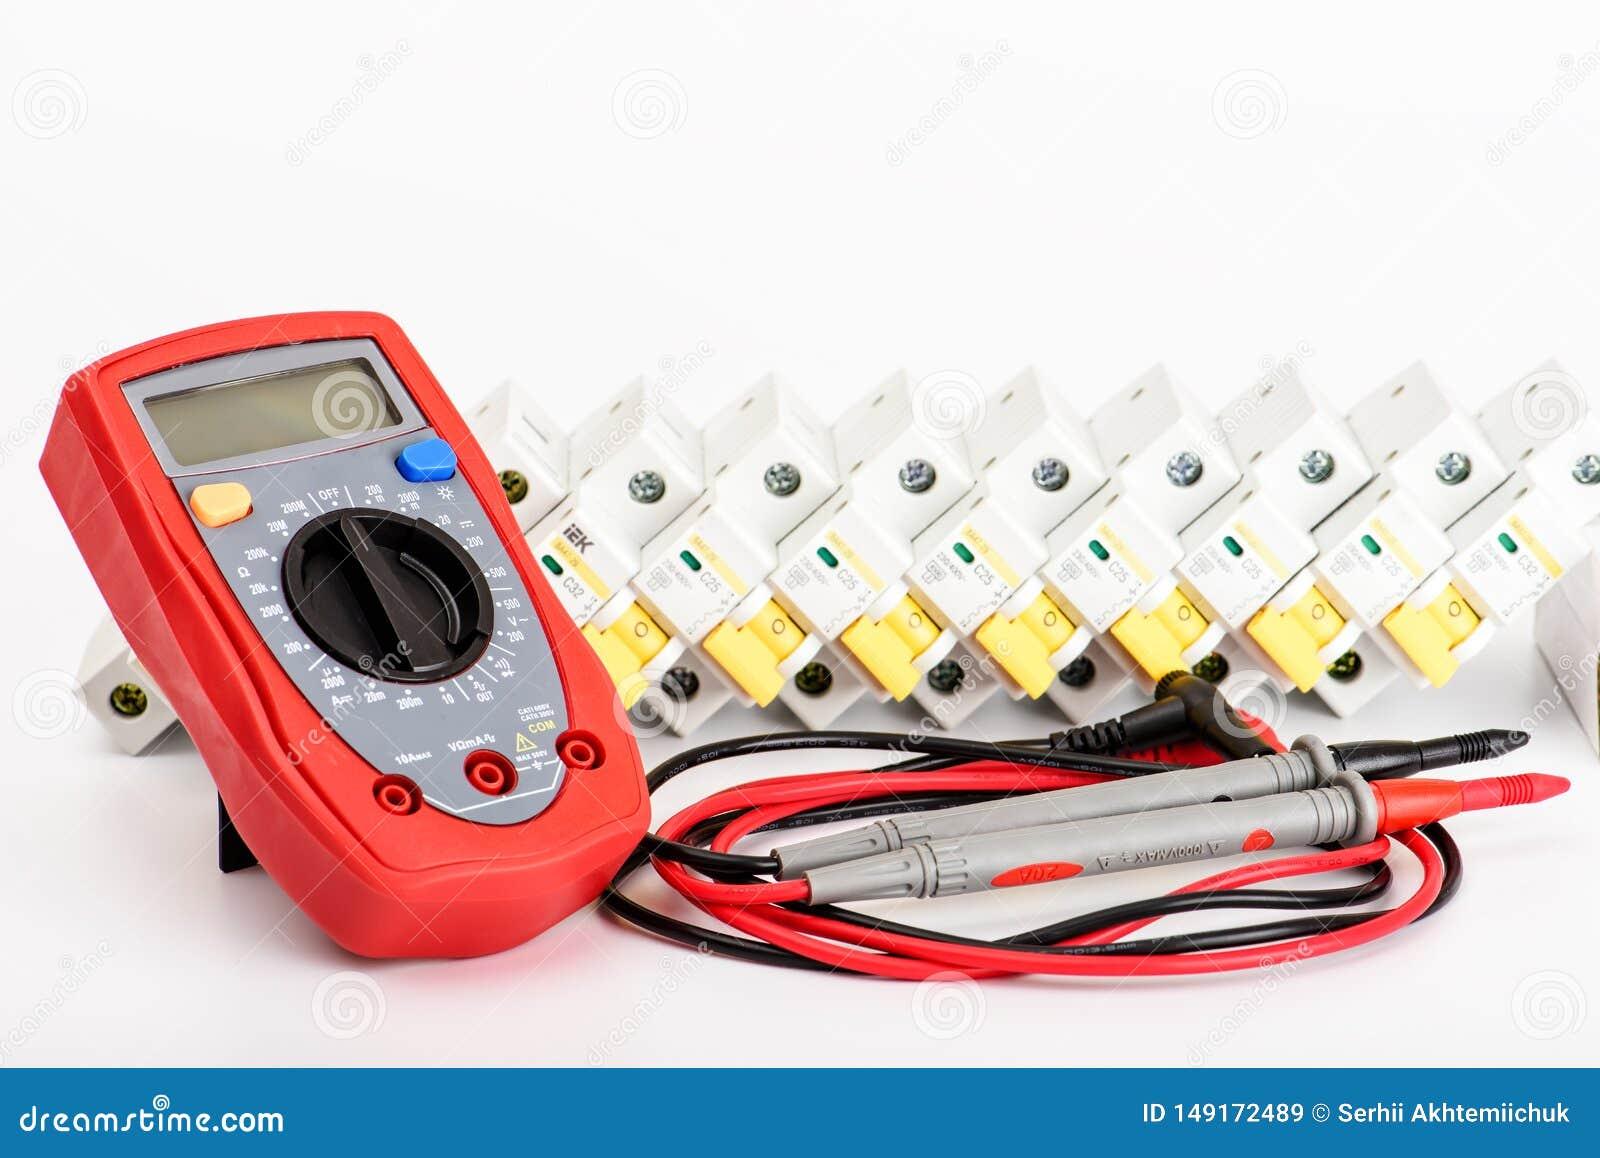 Interruptores automáticos, multímetro digital Equipamento elétrico, proteção e controle, fundo branco